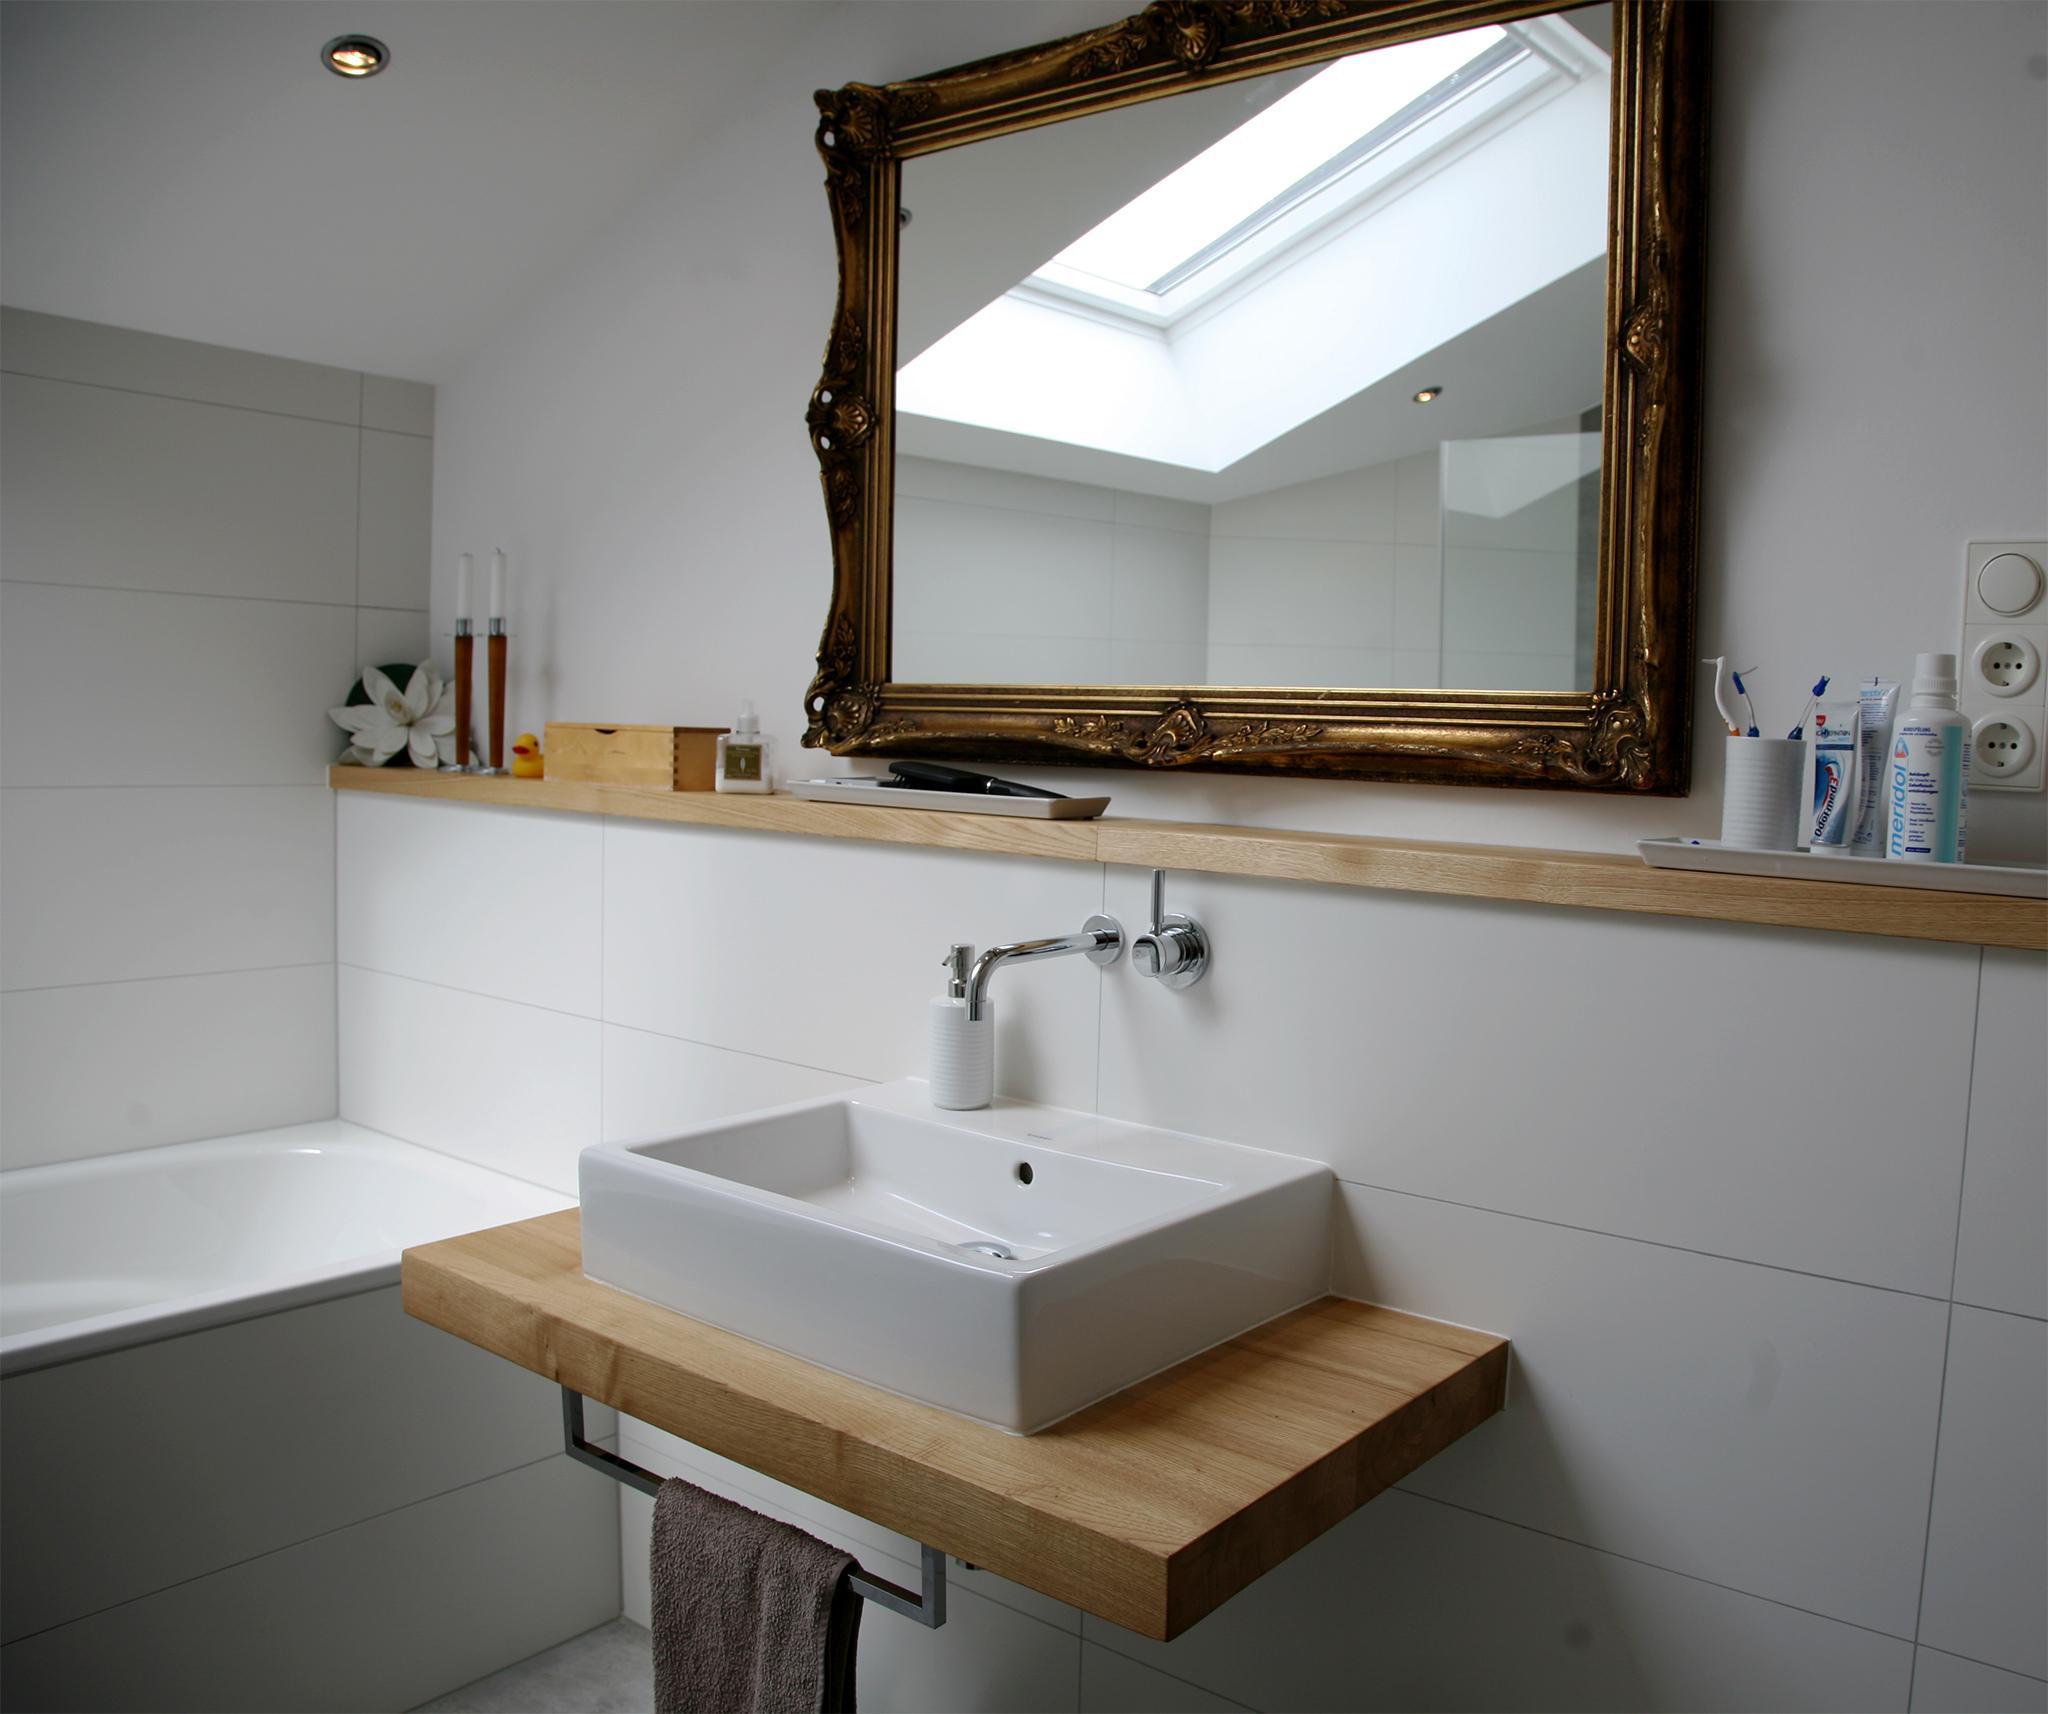 Der Waschtisch: Minimalistisch Und Natürlich Schön #dachschräge  #ebenerdigedusche #offenesbadezimmer ©HEIMWOHL GmbH